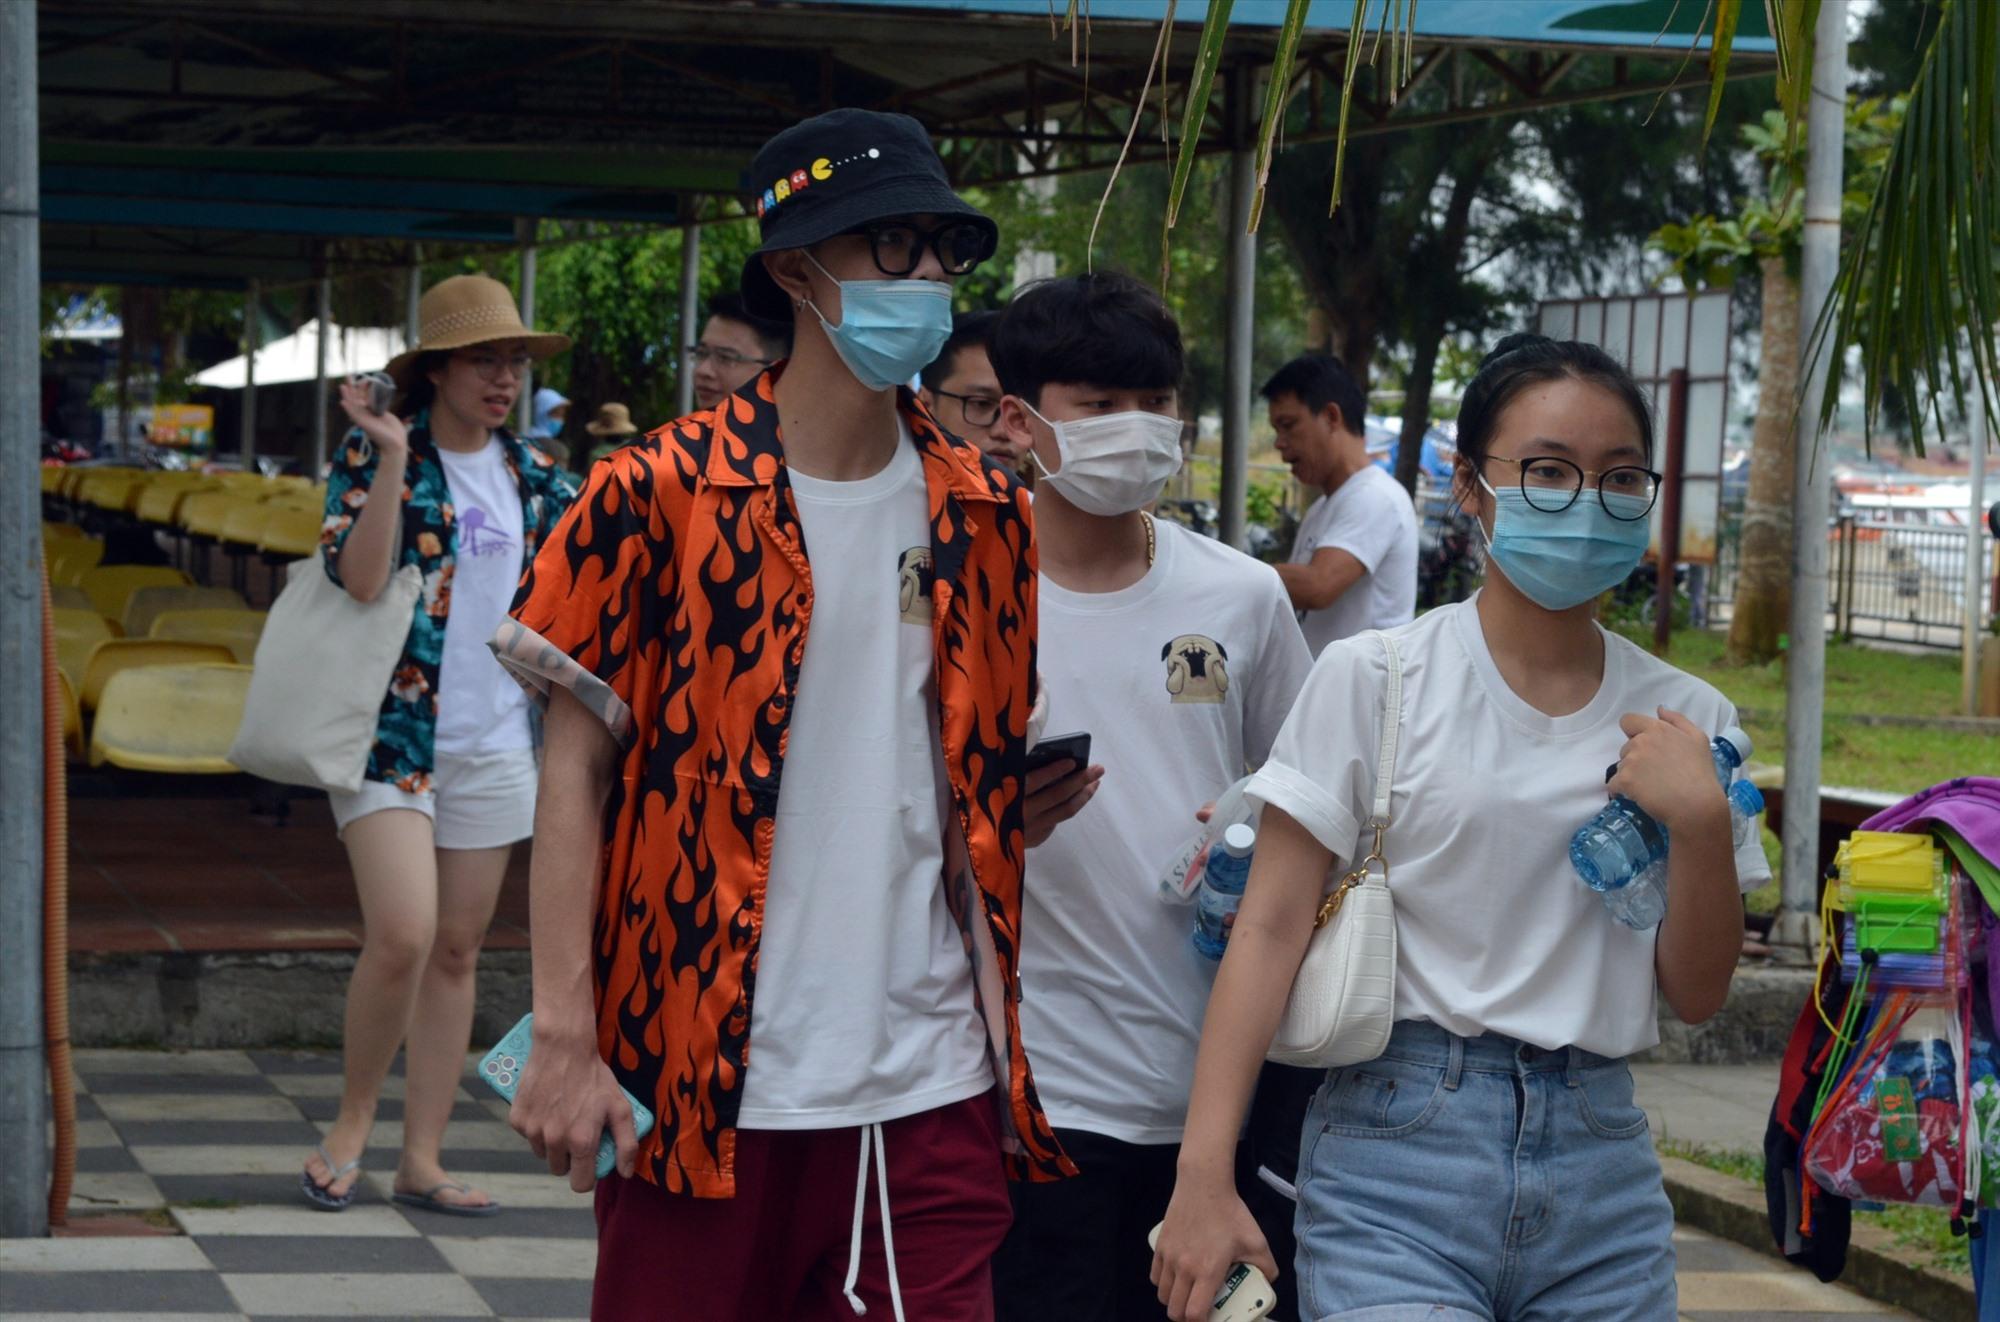 Để phòng chống dịch hiệu quả, du khách bắt buộc phải đeo khẩu trang khi tham quan du lịch